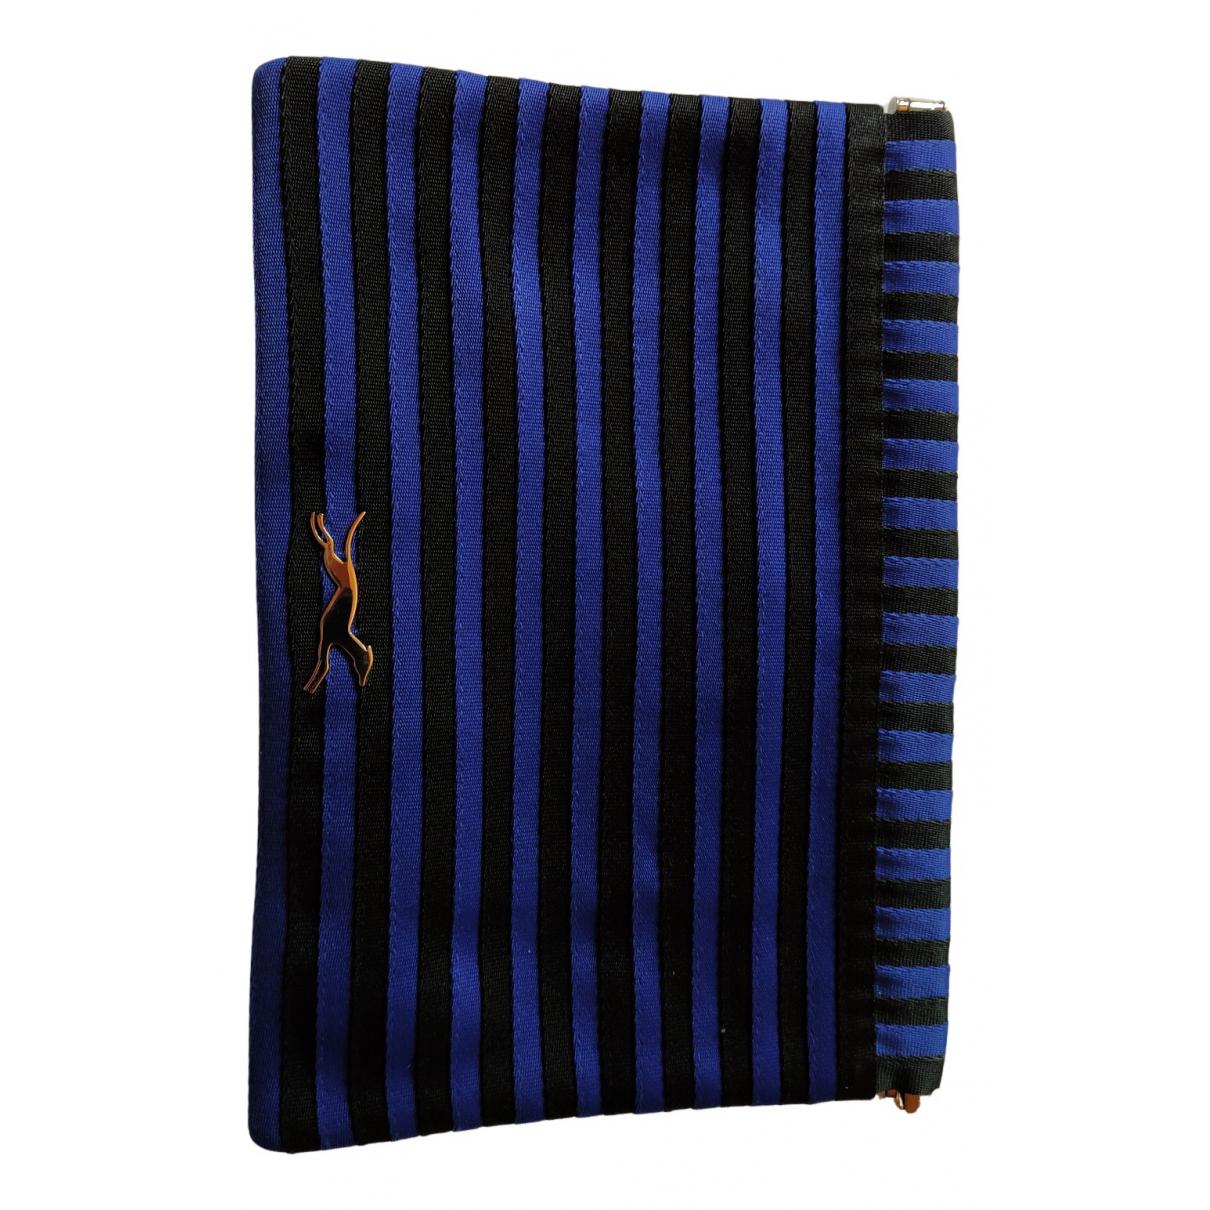 Bimba Y Lola \N Portemonnaie in  Blau Baumwolle